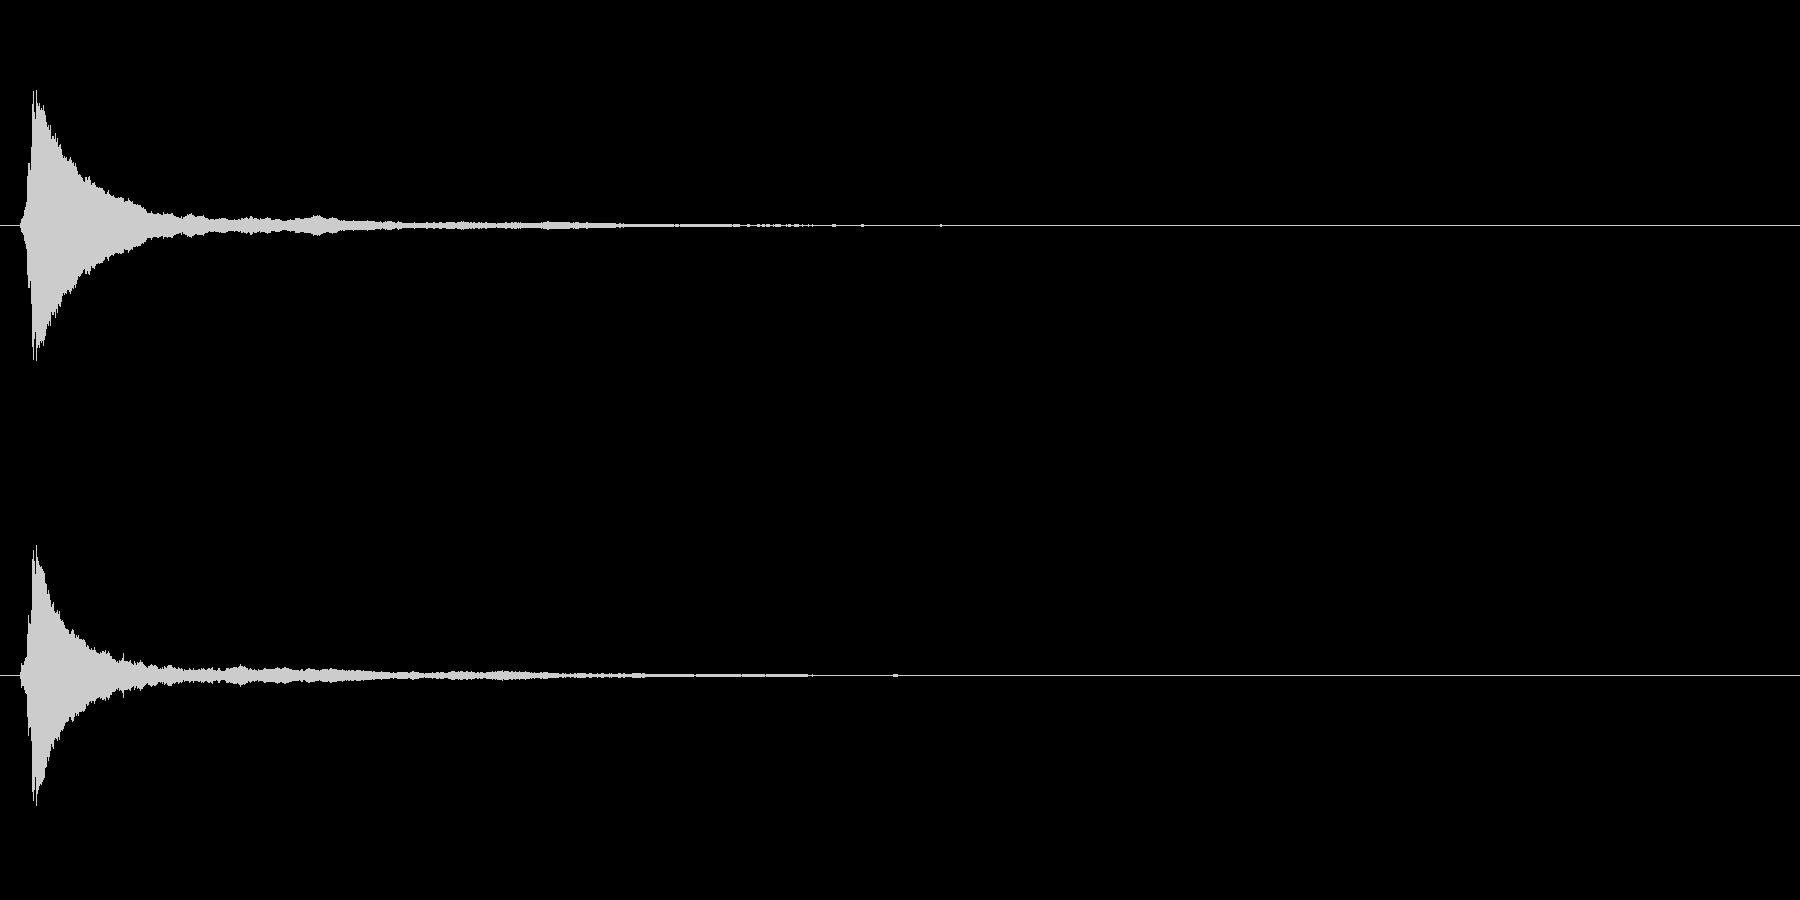 キラキラ系_003の未再生の波形